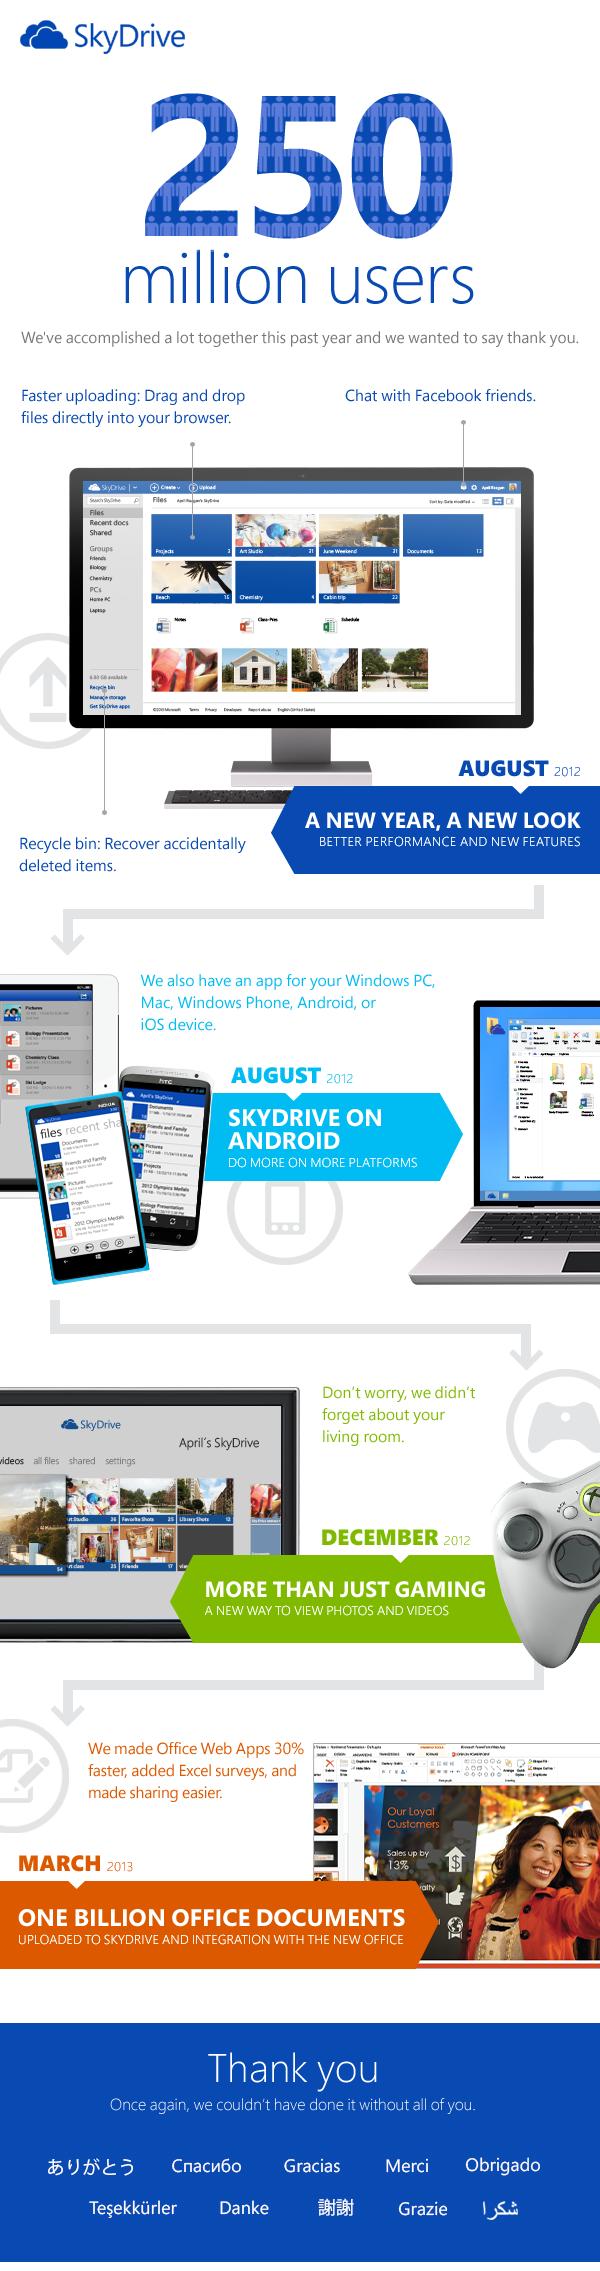 SkyDrive Sudah Mencapai Angka 250 juta Pengguna Di Bulan Mei 2013